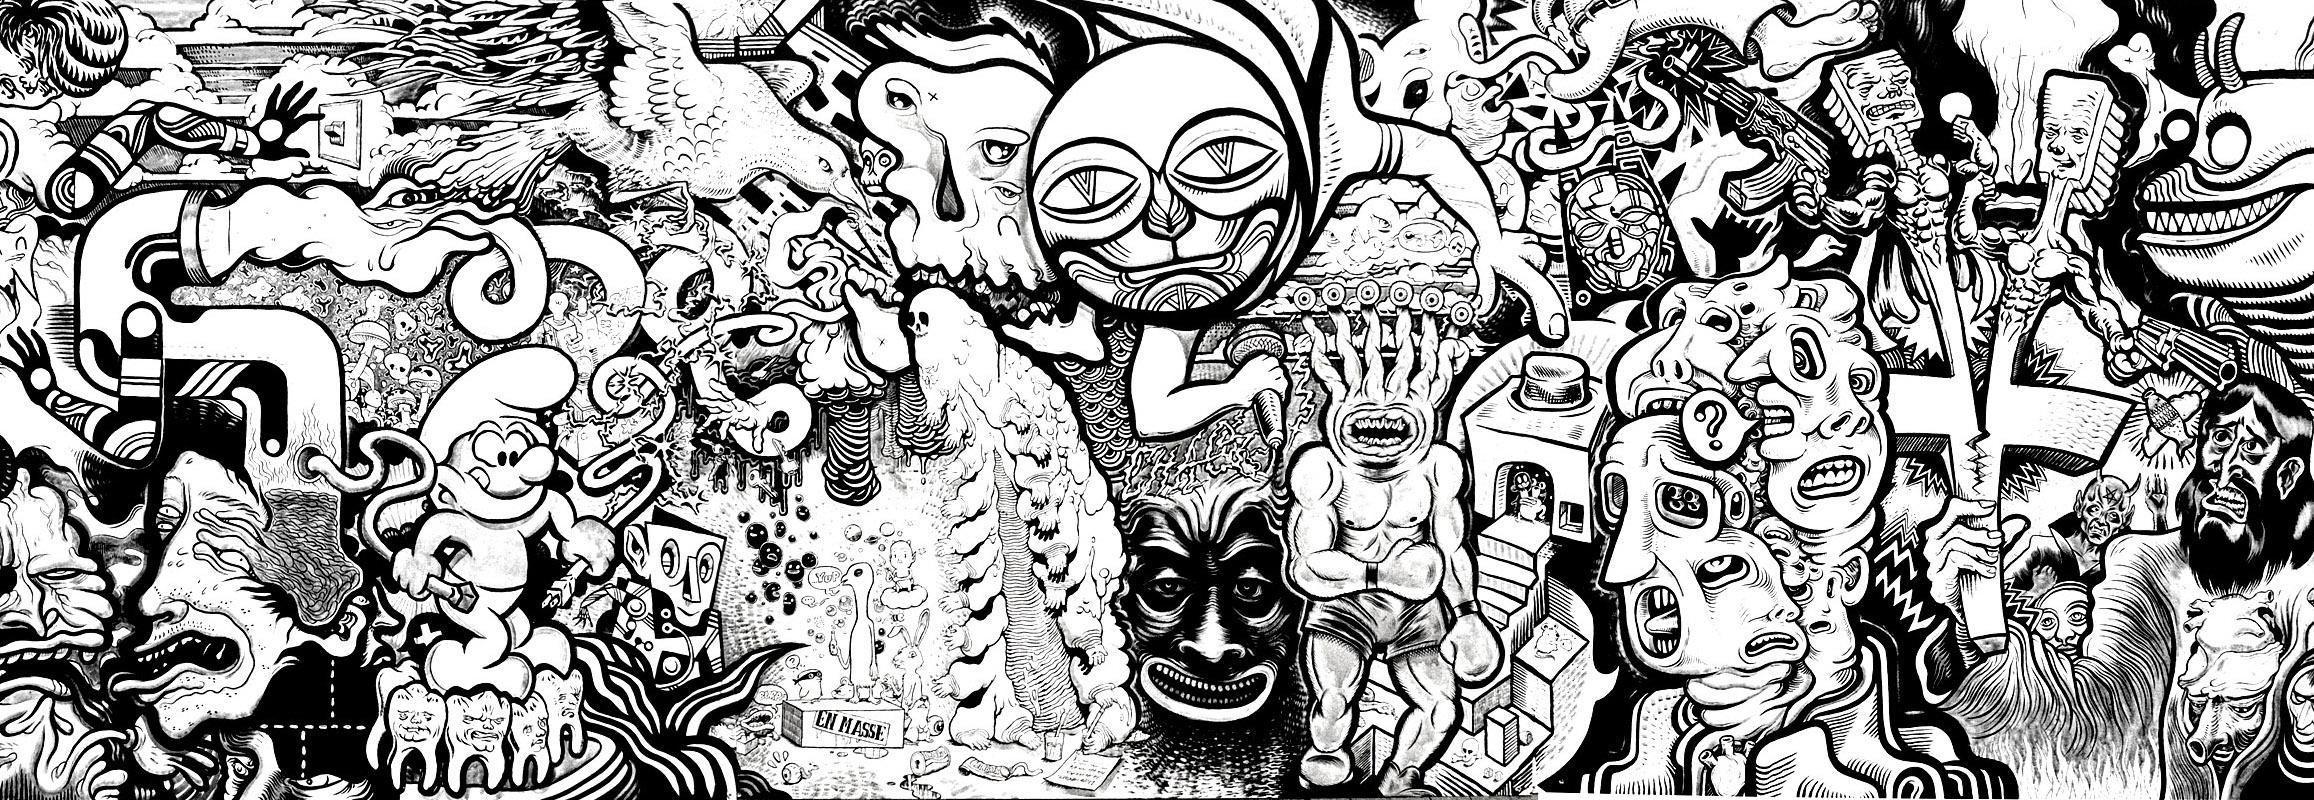 Fresque tags tags et graffitis coloriages difficiles - Coloriage graffiti ...